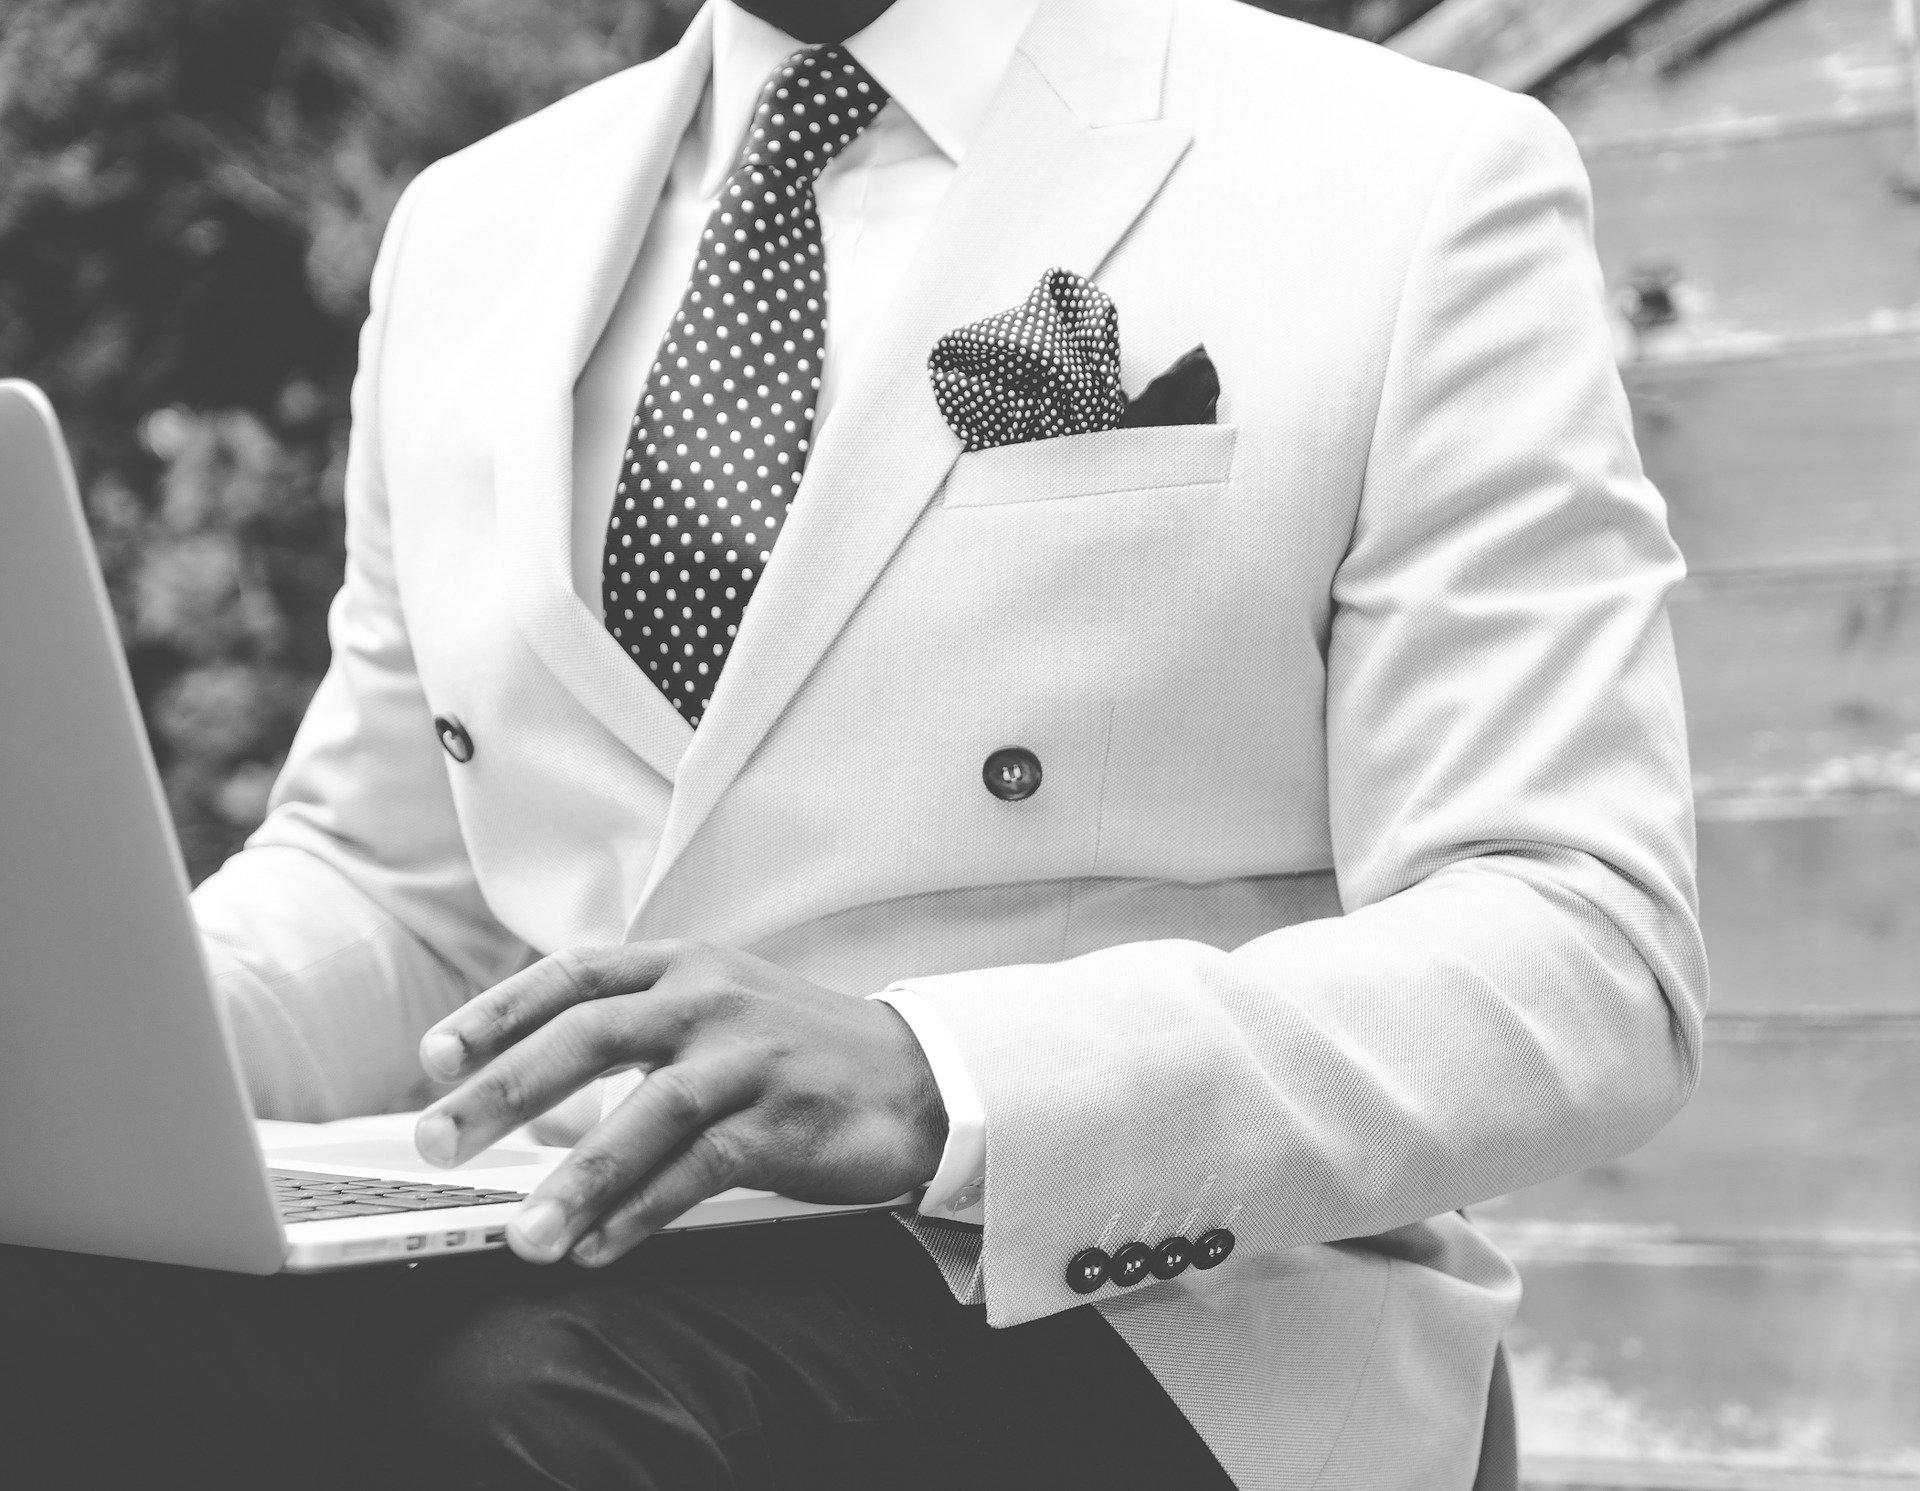 galateo in ufficio buone maniere in ufficio colleghi lavoro business vi. il blog di vinicio mascarello etichetta consulenza immagine team building